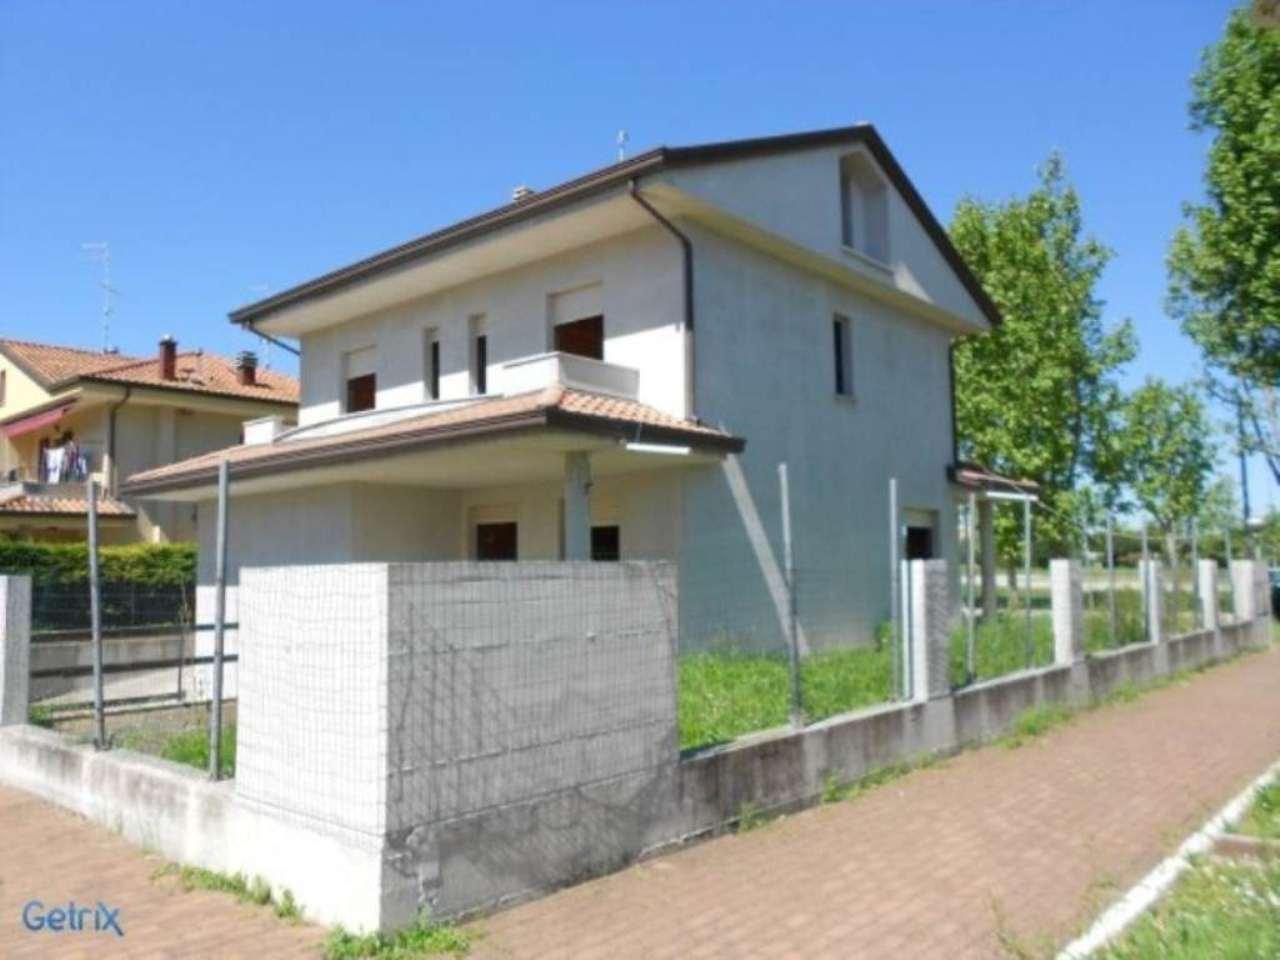 Villa in vendita a Bellaria Igea Marina, 6 locali, prezzo € 590.000 | Cambio Casa.it